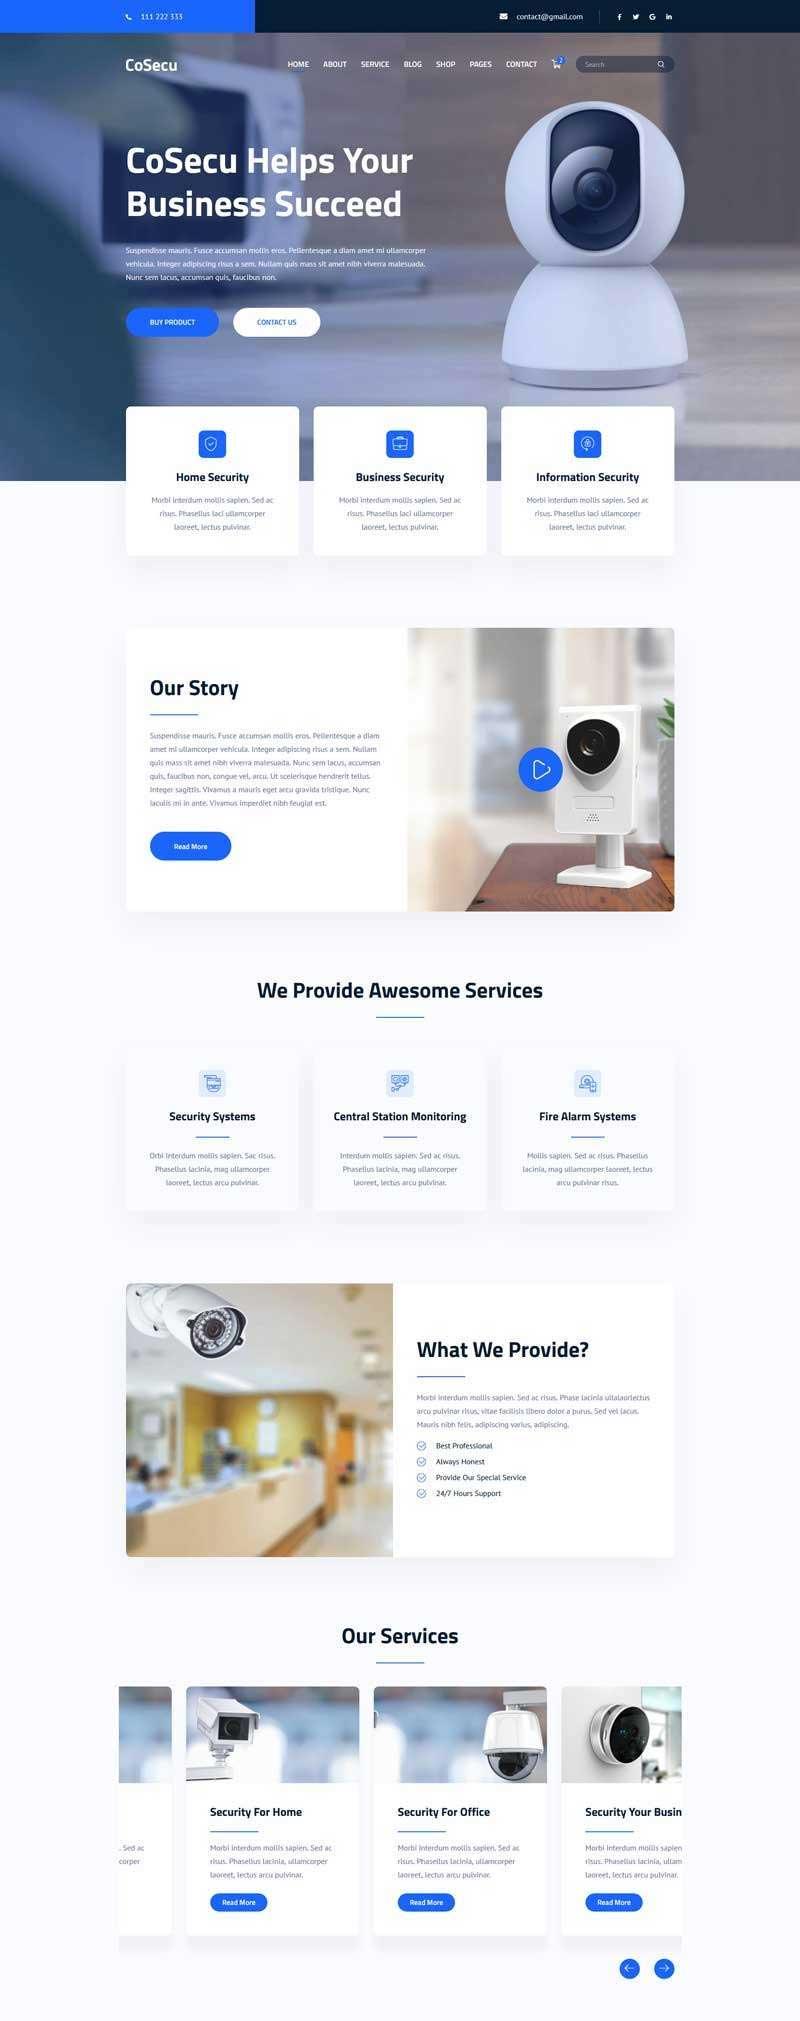 蓝色宽屏大气html5响应式智能监控设备企业网站模板